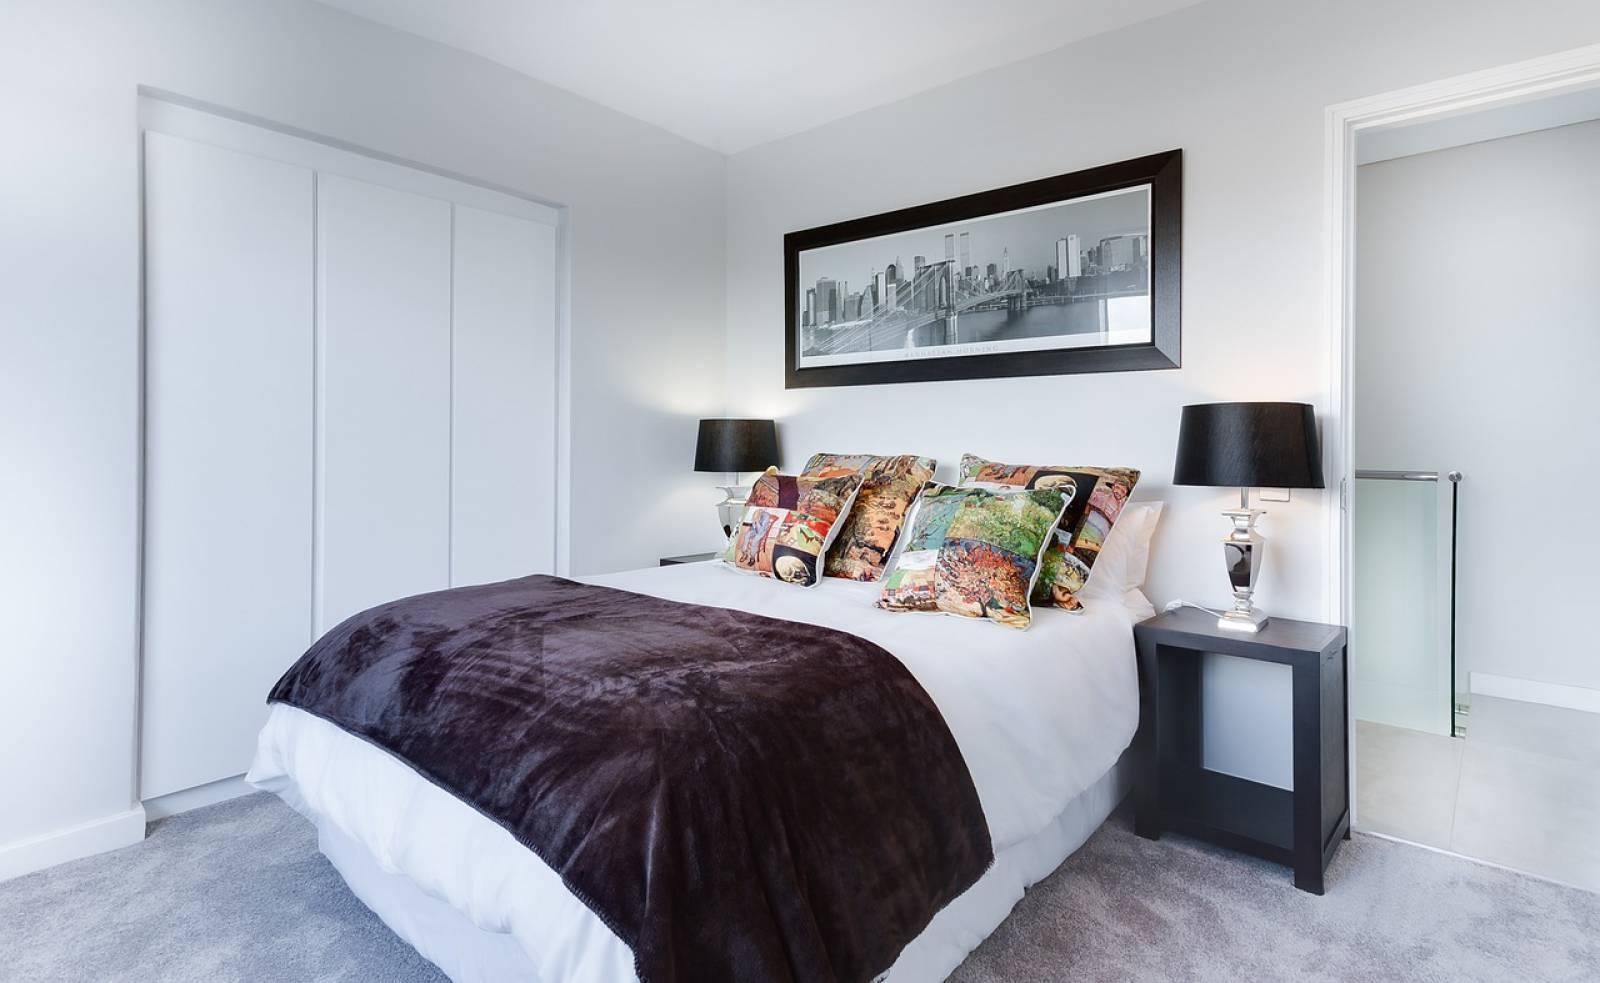 la dcoration de chambres dans villas par un architecte dintrieur daix